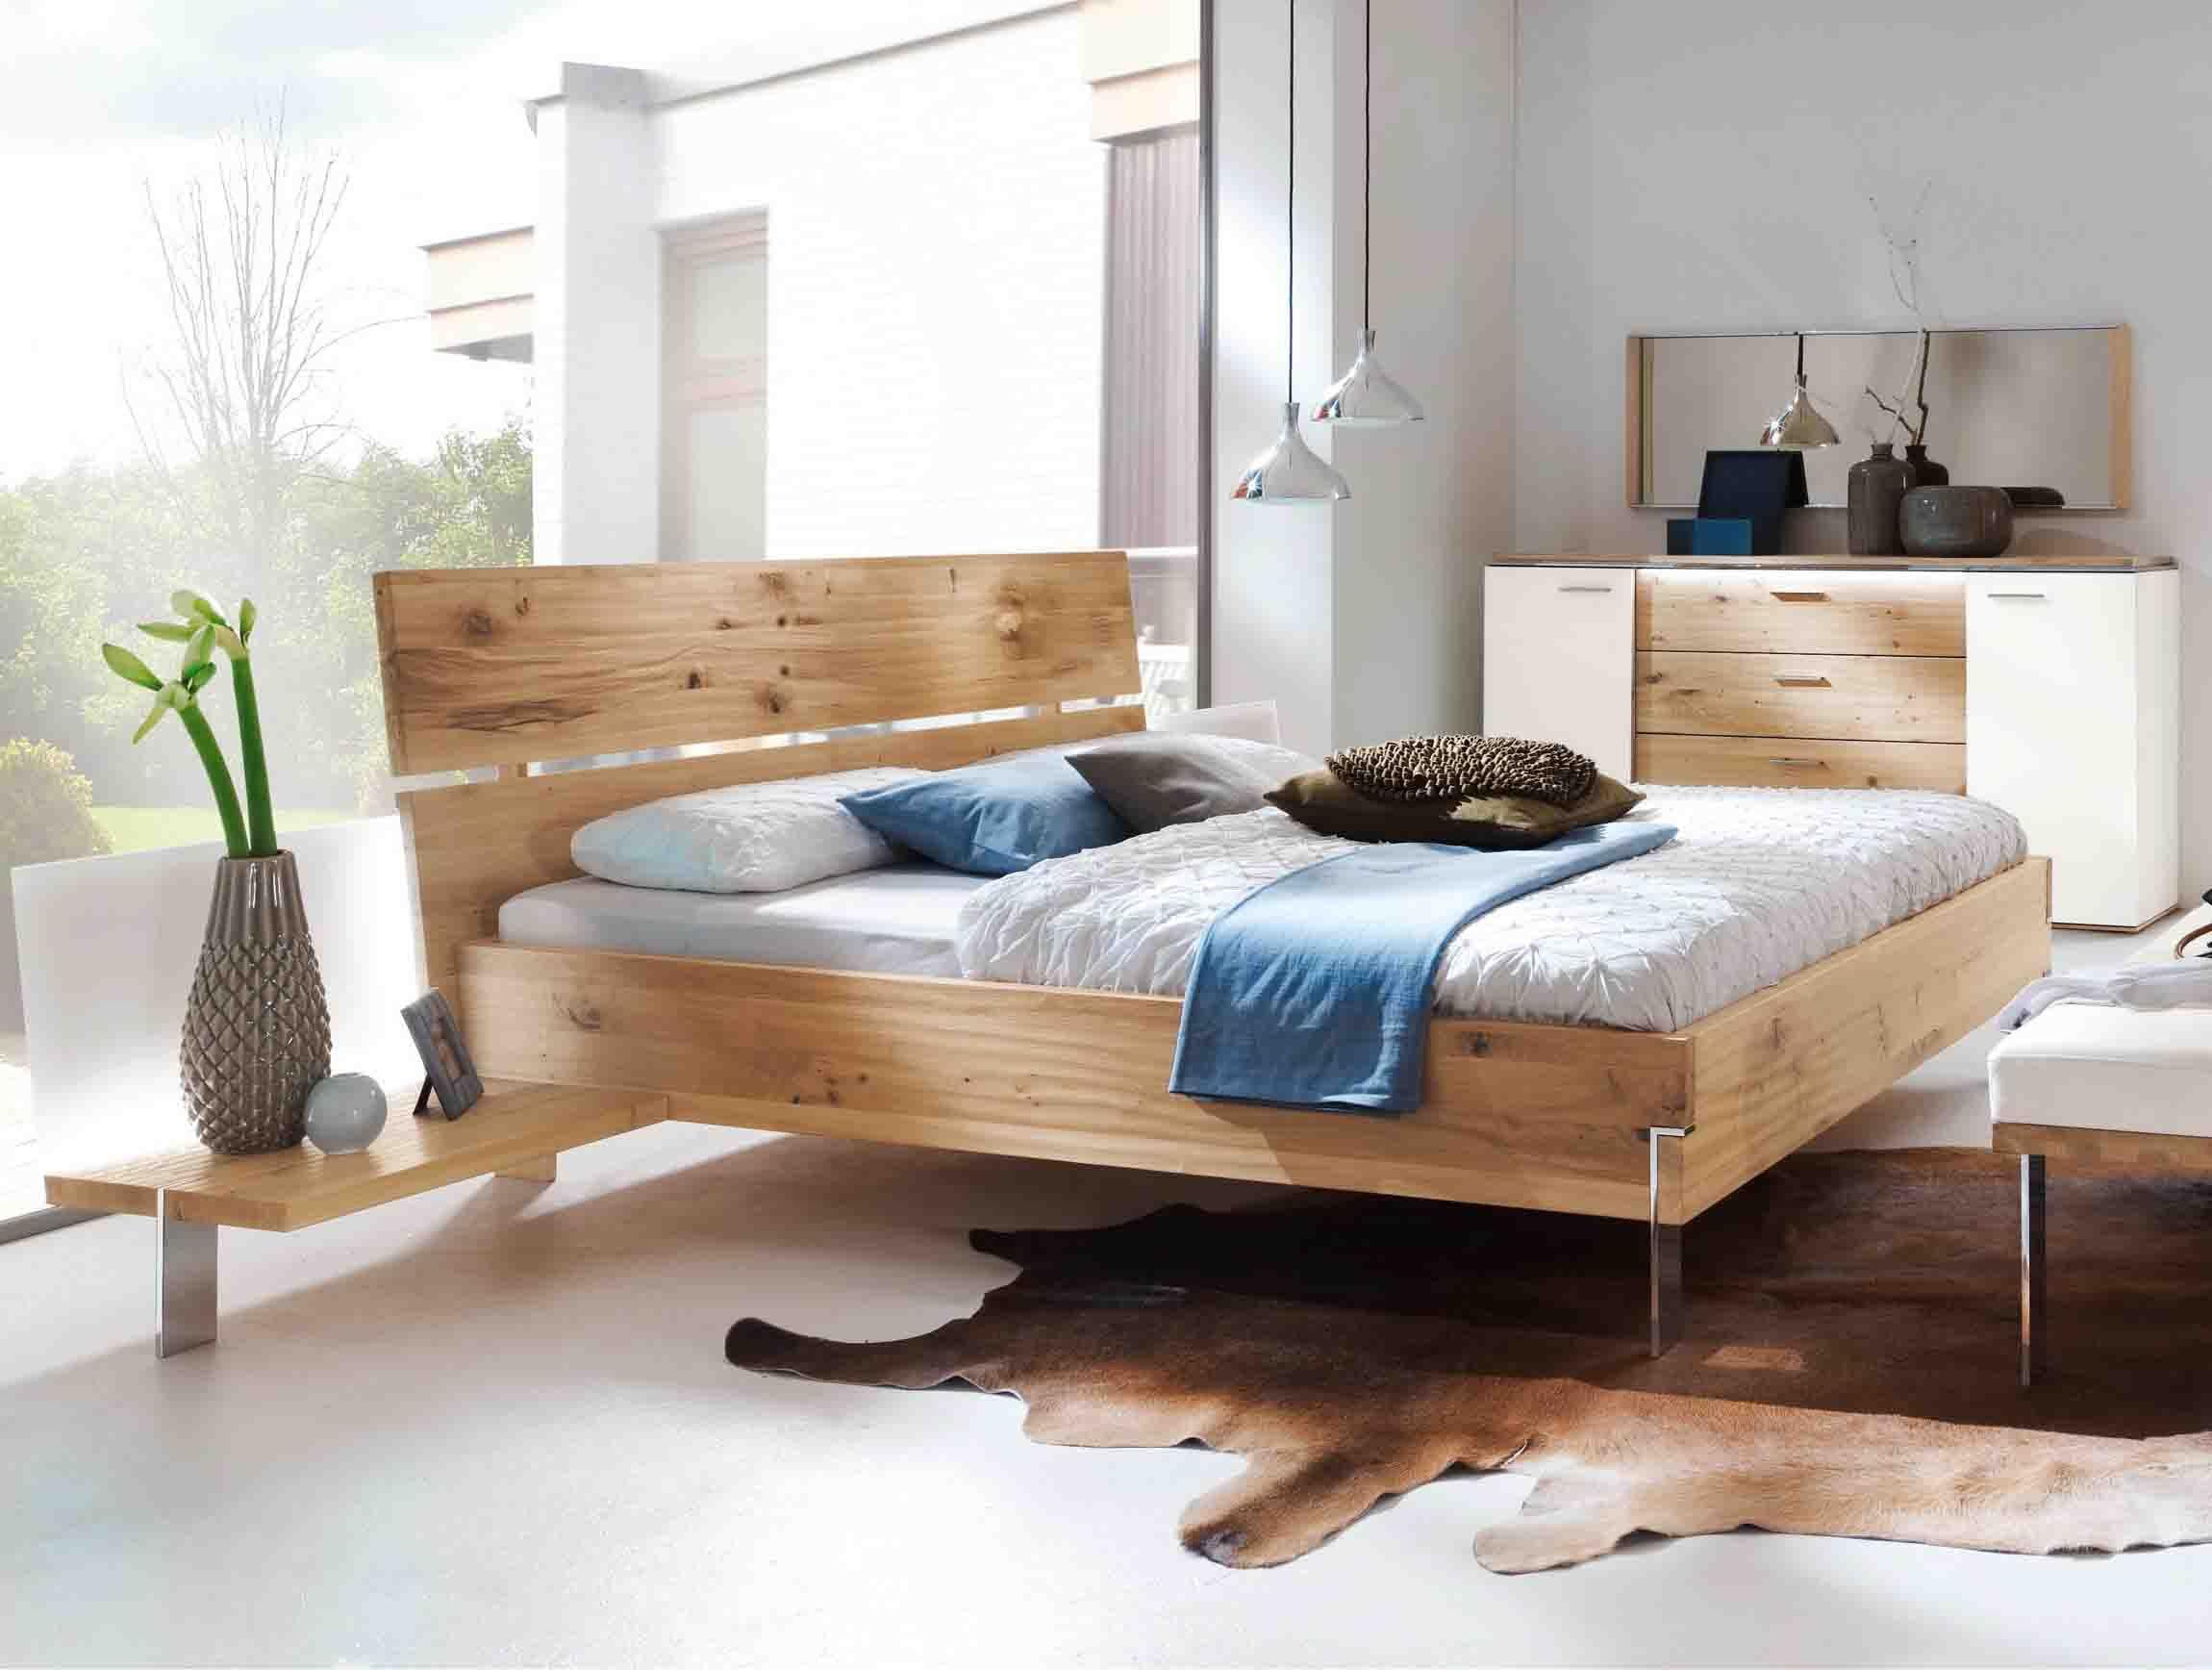 Thielemeyer Bett Loft mit Holzkopfteil Eiche Haus deko